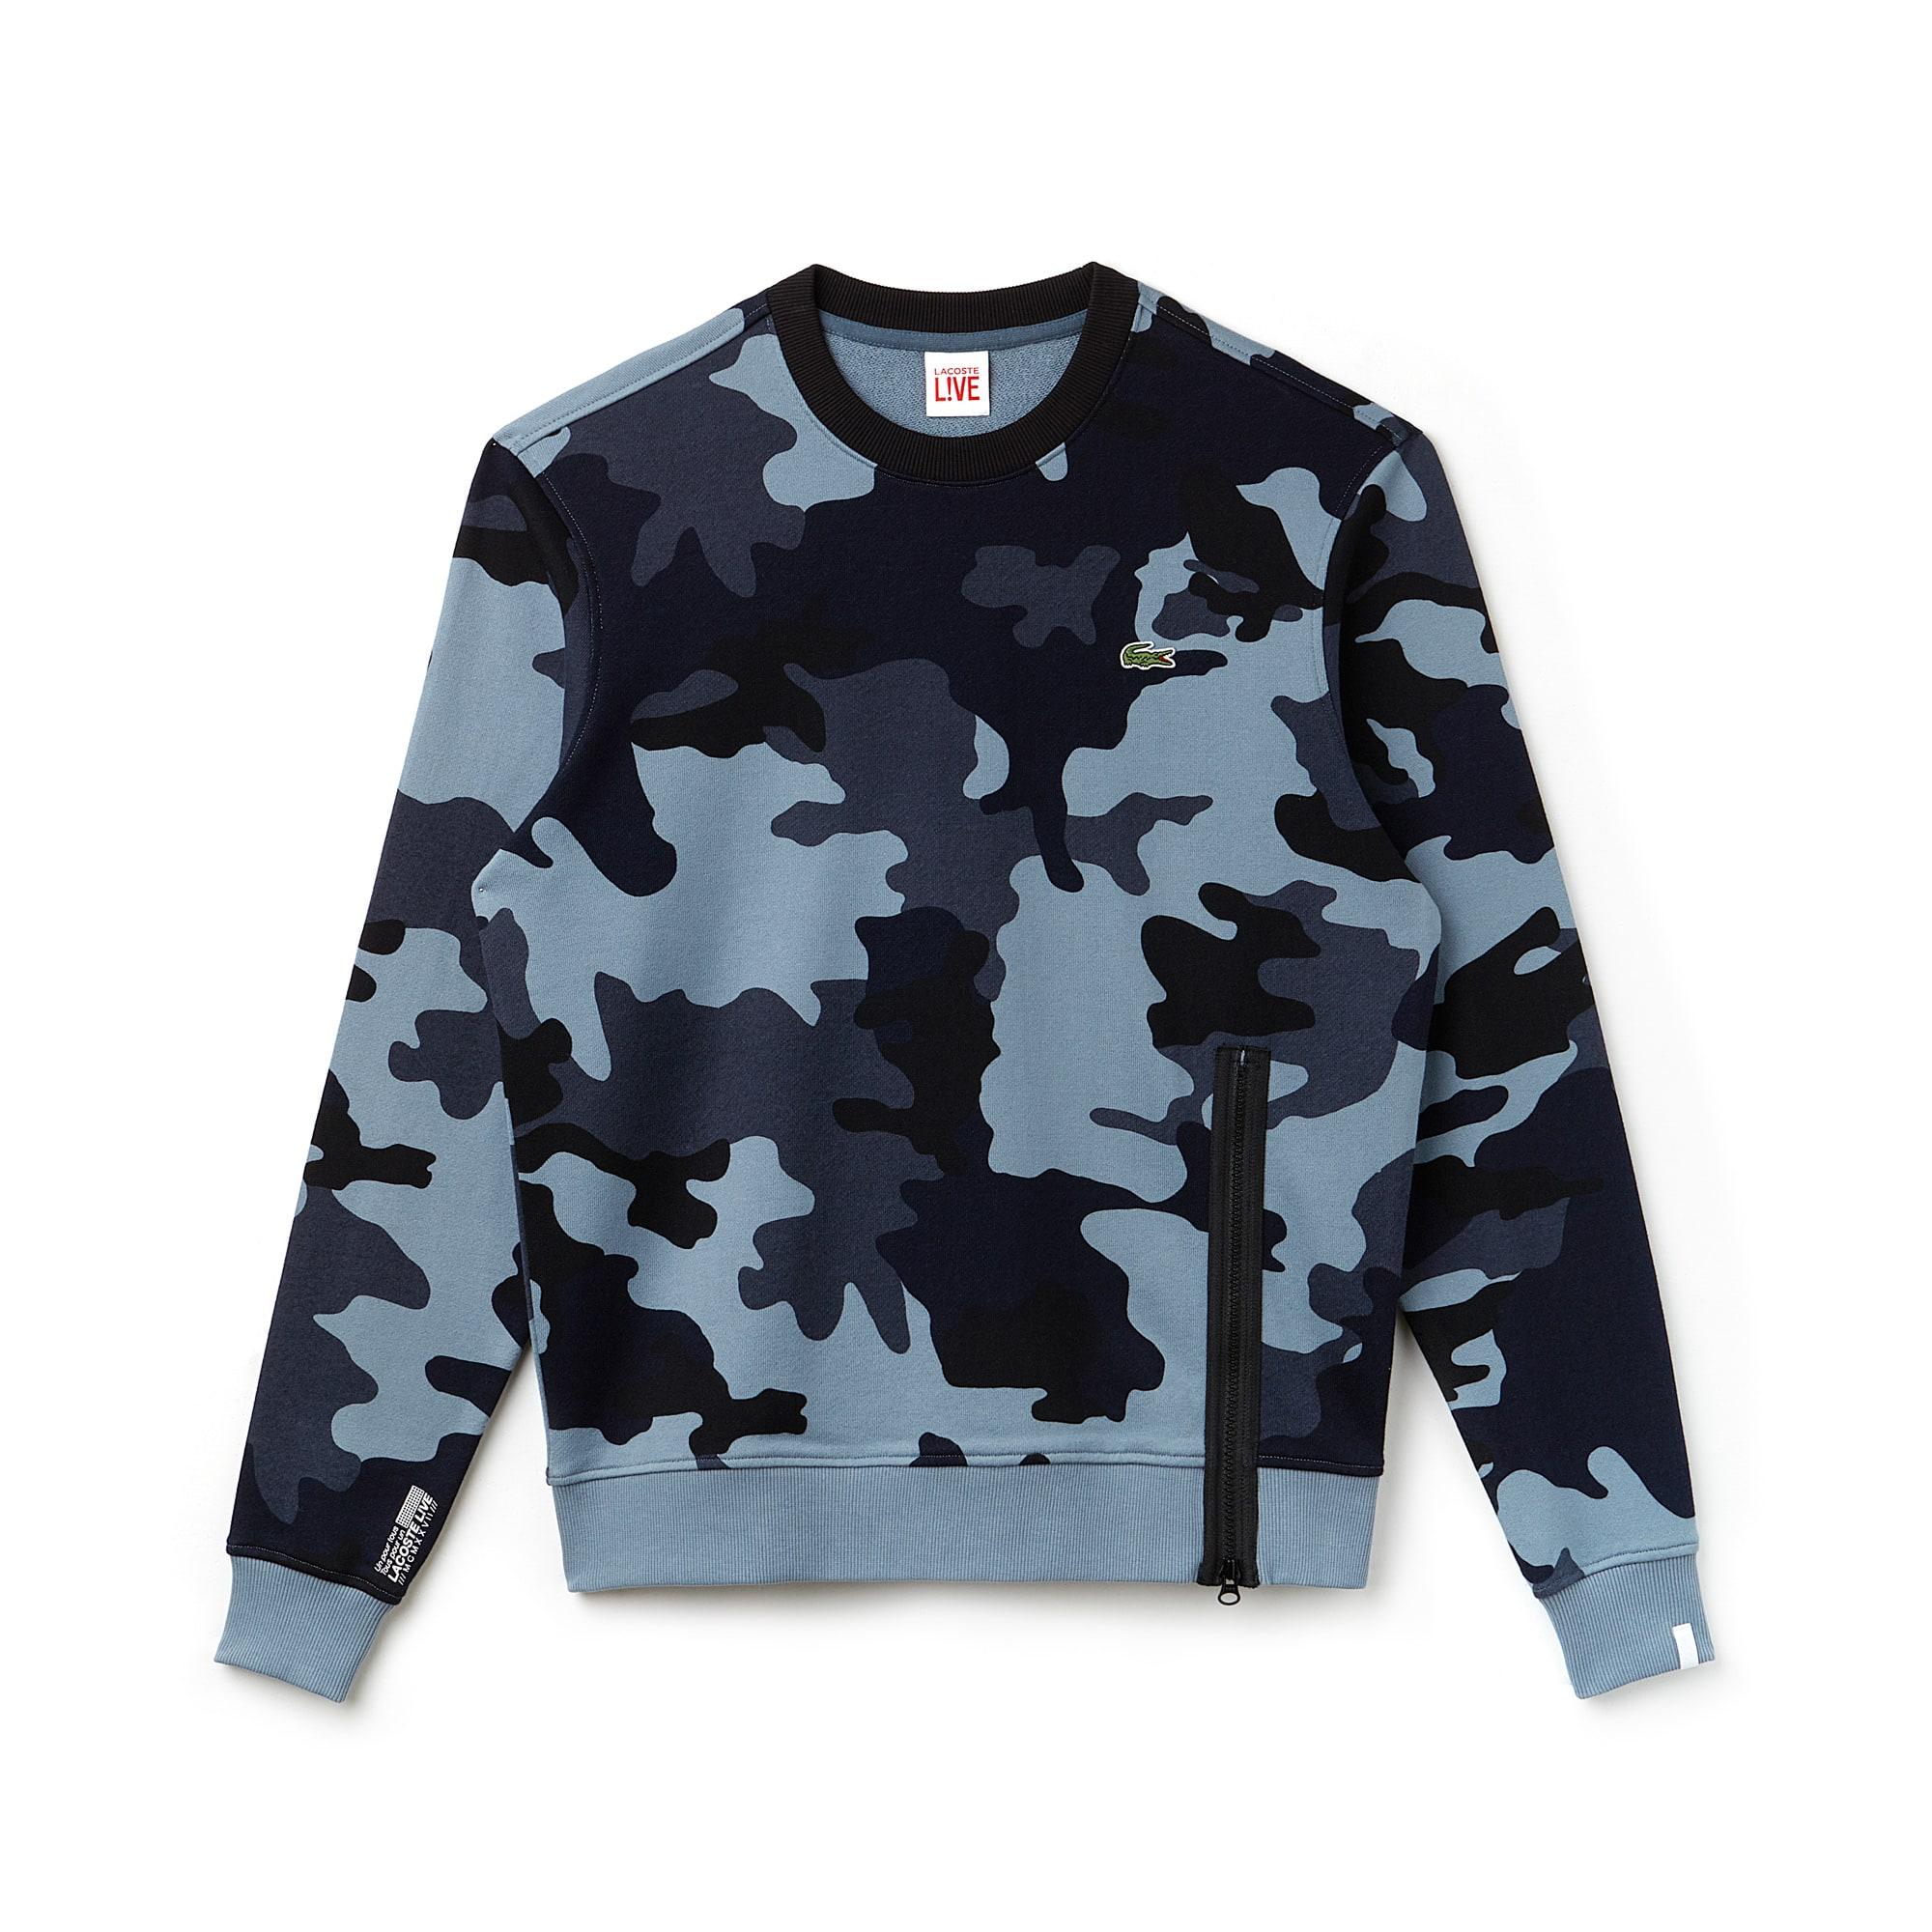 Men's Fleece Print Sweatshirt Lacoste Live Camouflage w8vmnN0